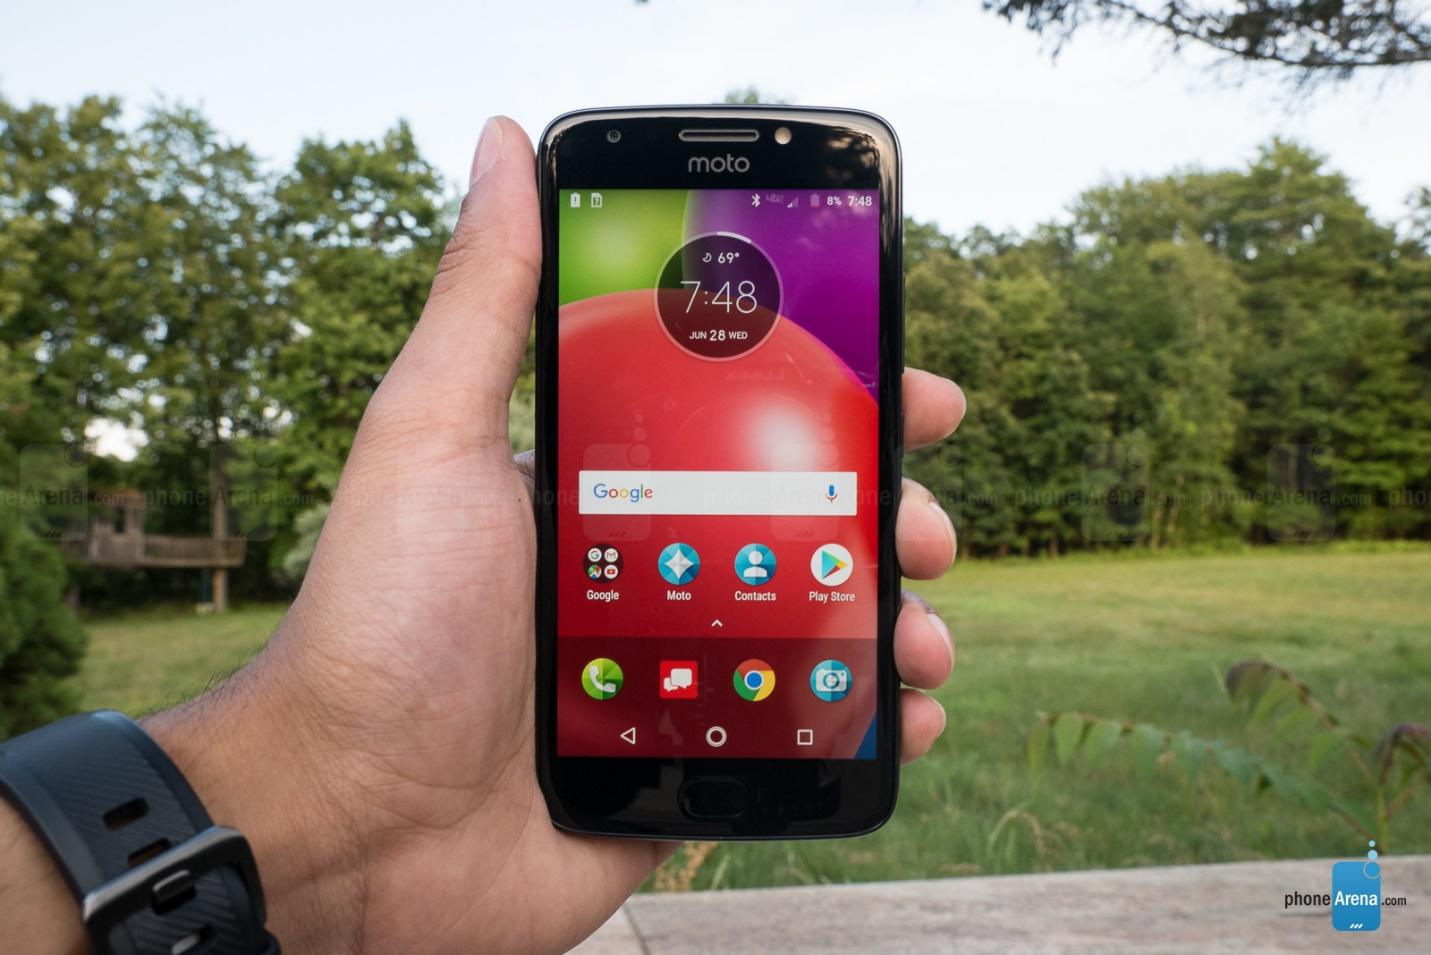 https://i-cdn.phonearena.com/images/reviews/207543-image/Motorola-Moto-E4-Review-017-end.jpg